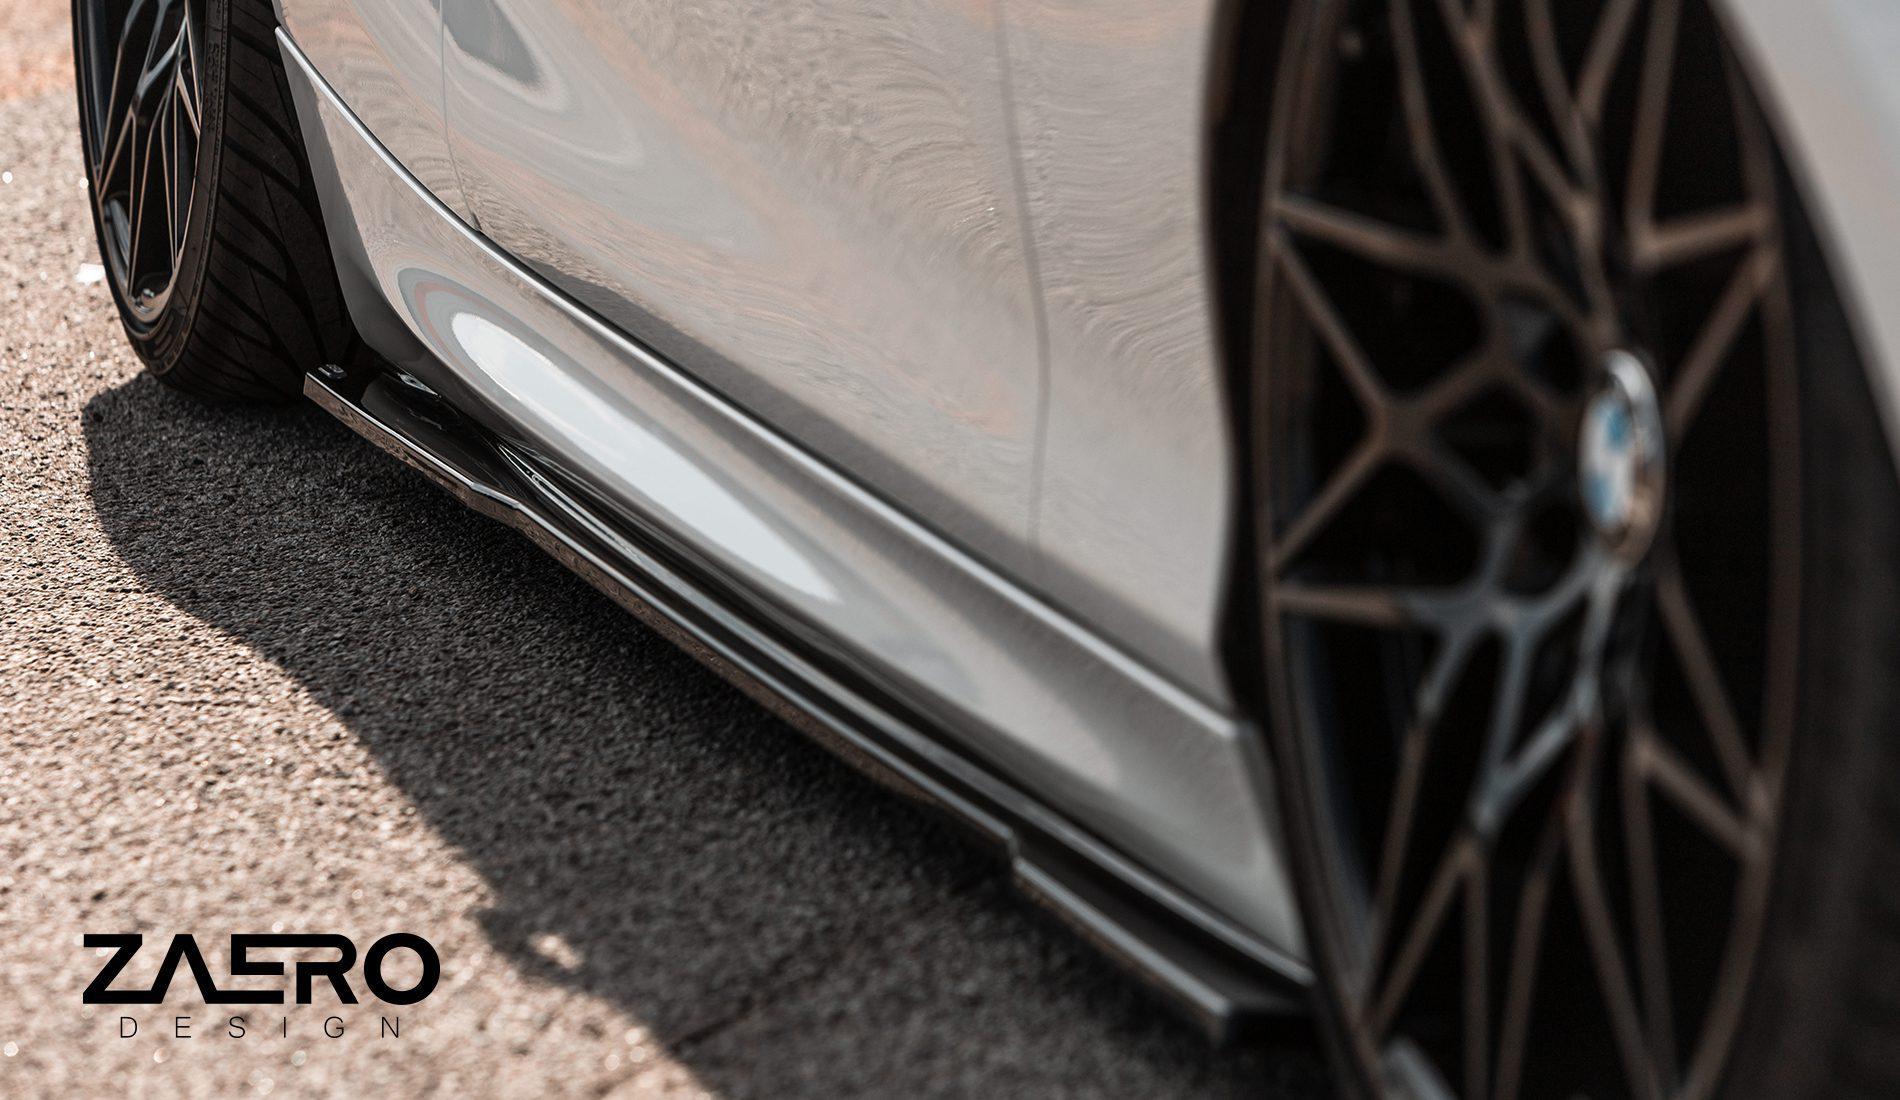 ZAERO-DESIGN-EVO-1-SEITENSCHWELLER-FÜR-BMW-1ER-116i-118i-120i-125i-M135-F20-F21-SCHWELLER-SEITENLEISTEN-BODYKIT